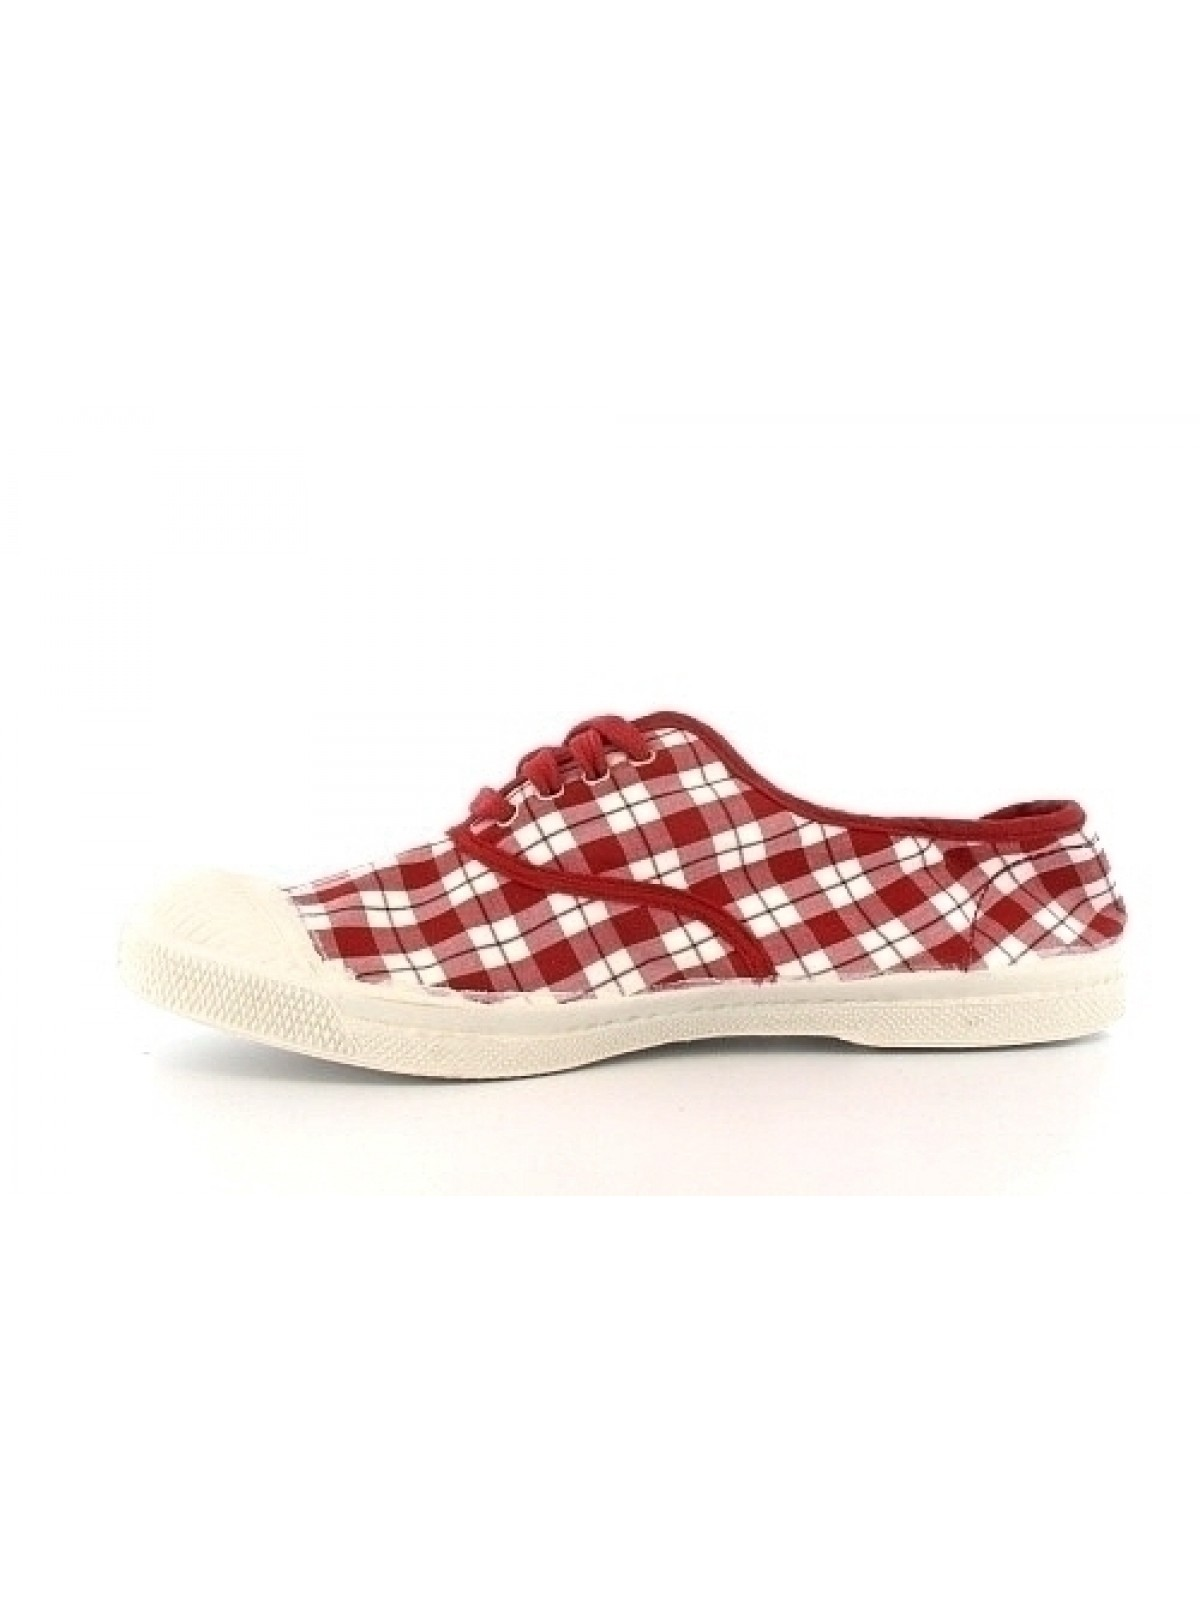 Chaussures en toile bensimon rouge tennis carreaux